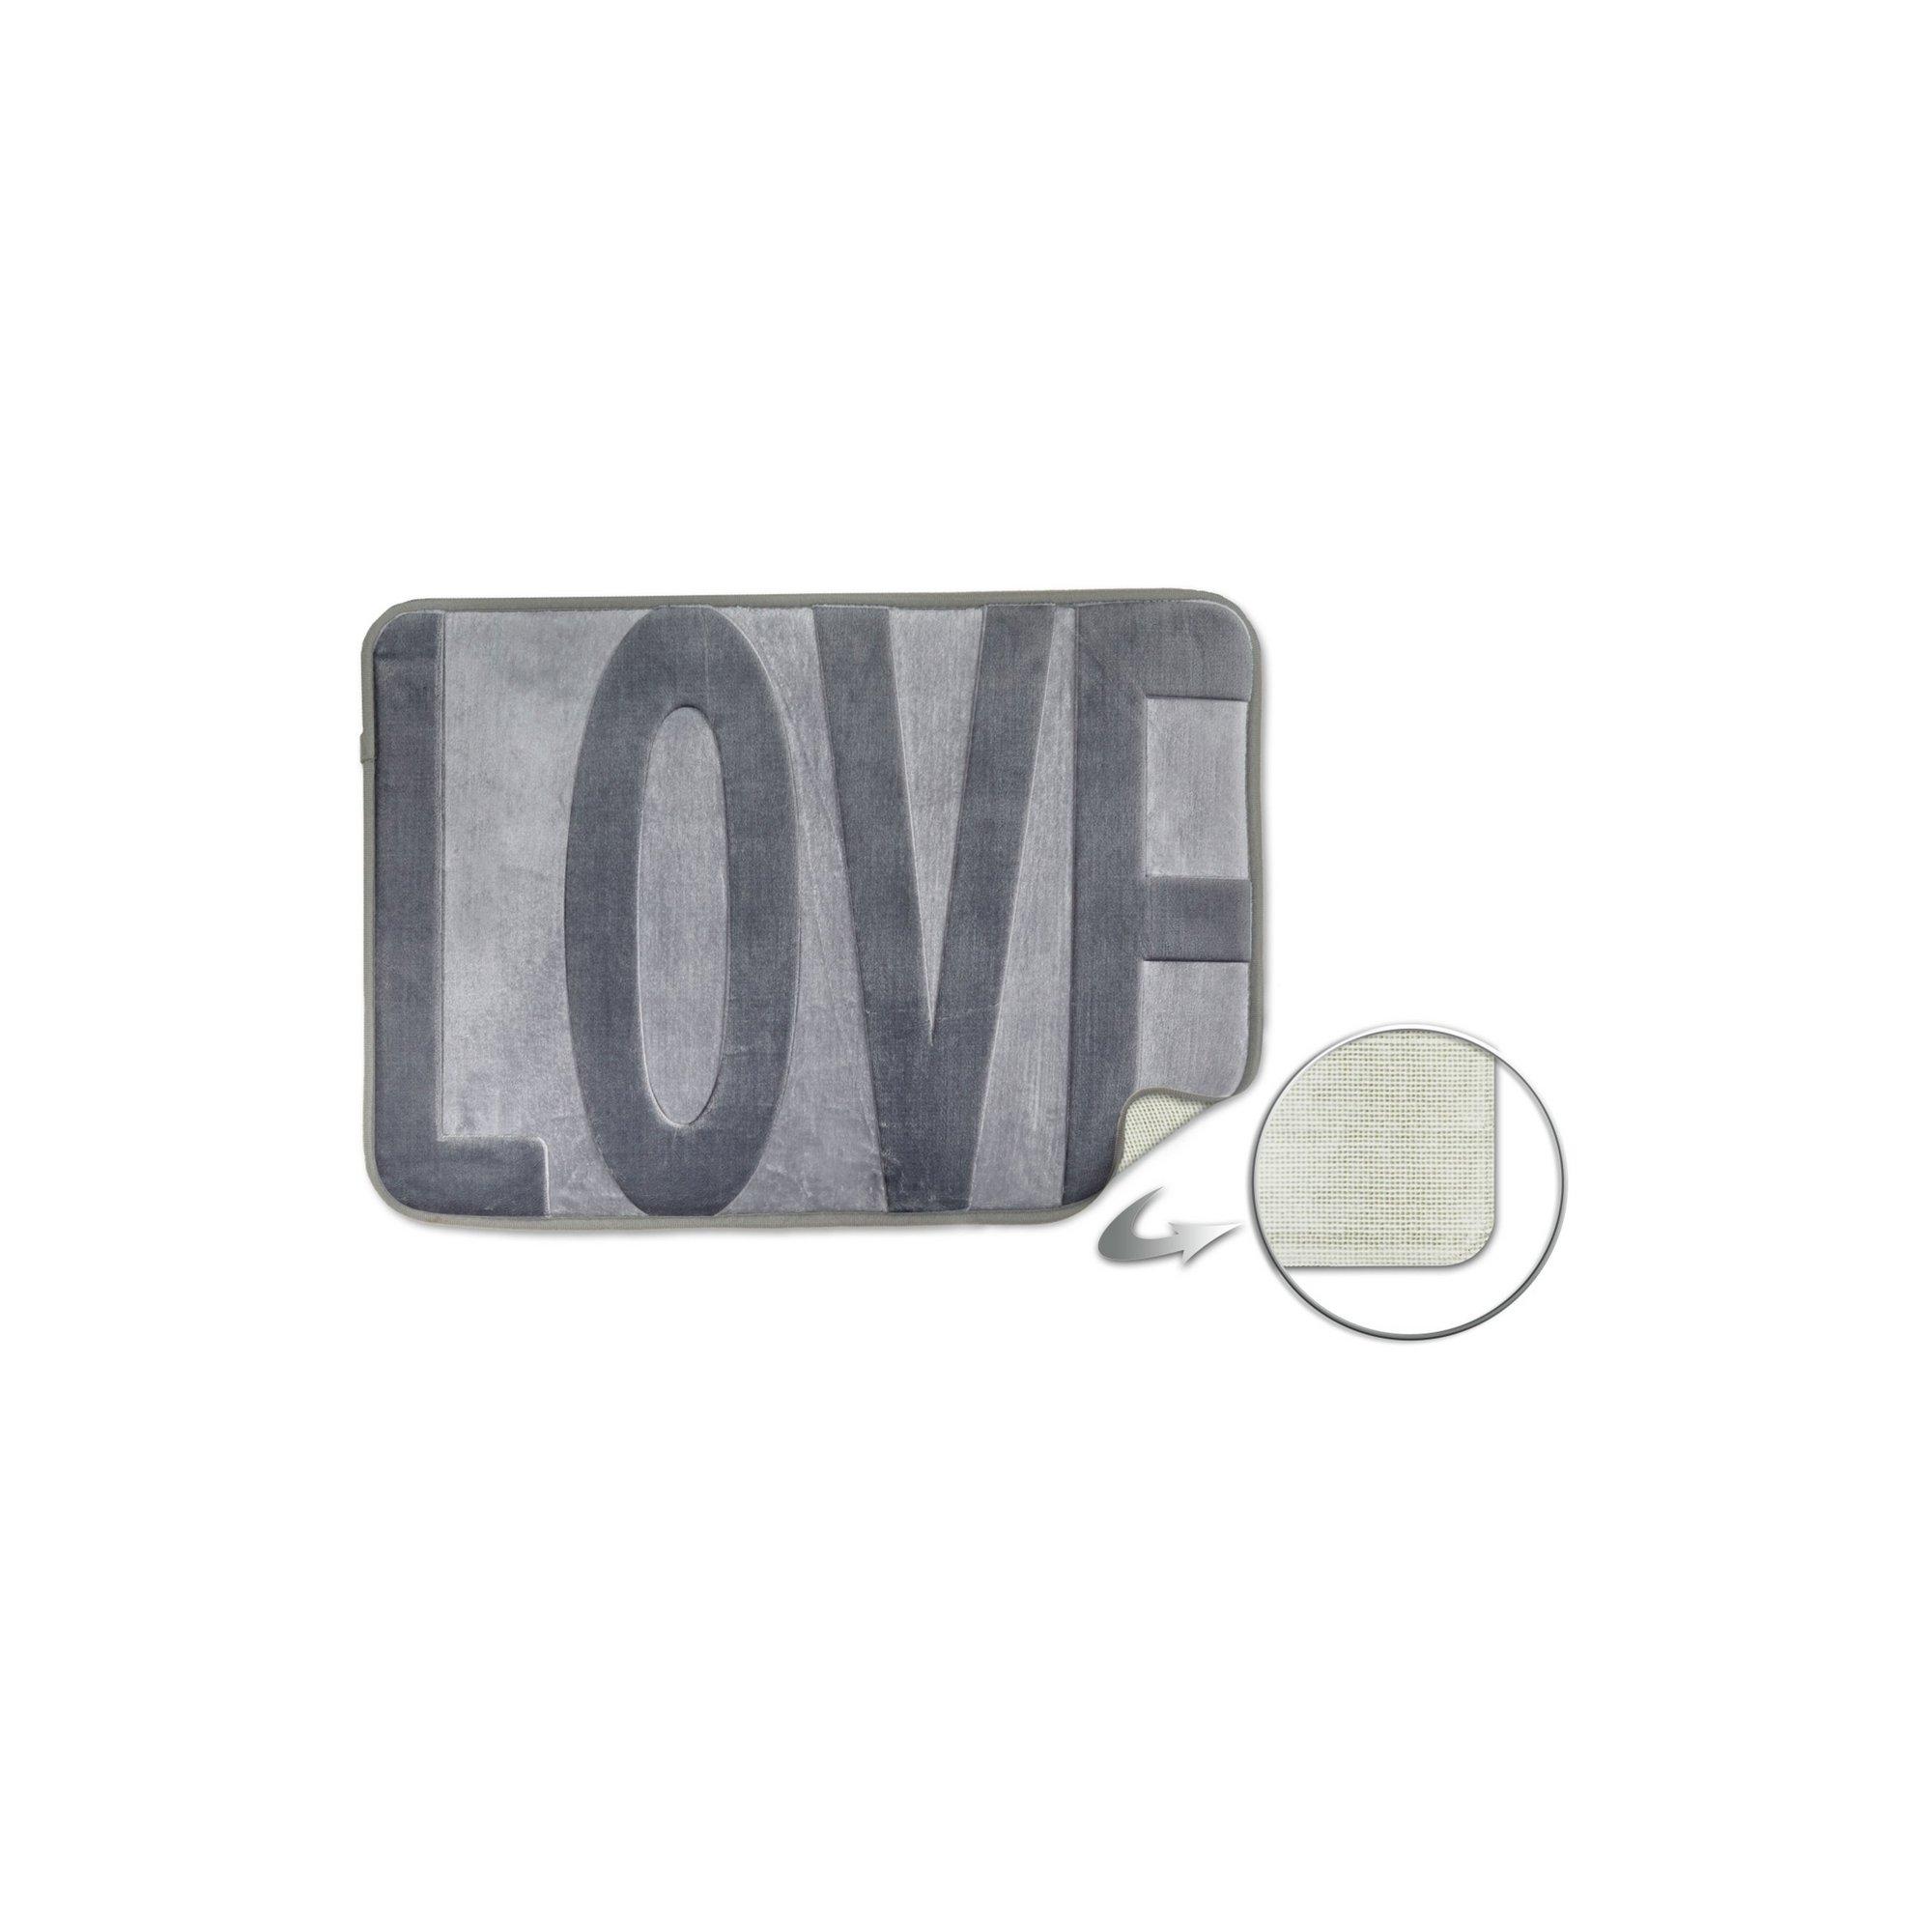 Image of Love Embossed Memory Foam Bathmat